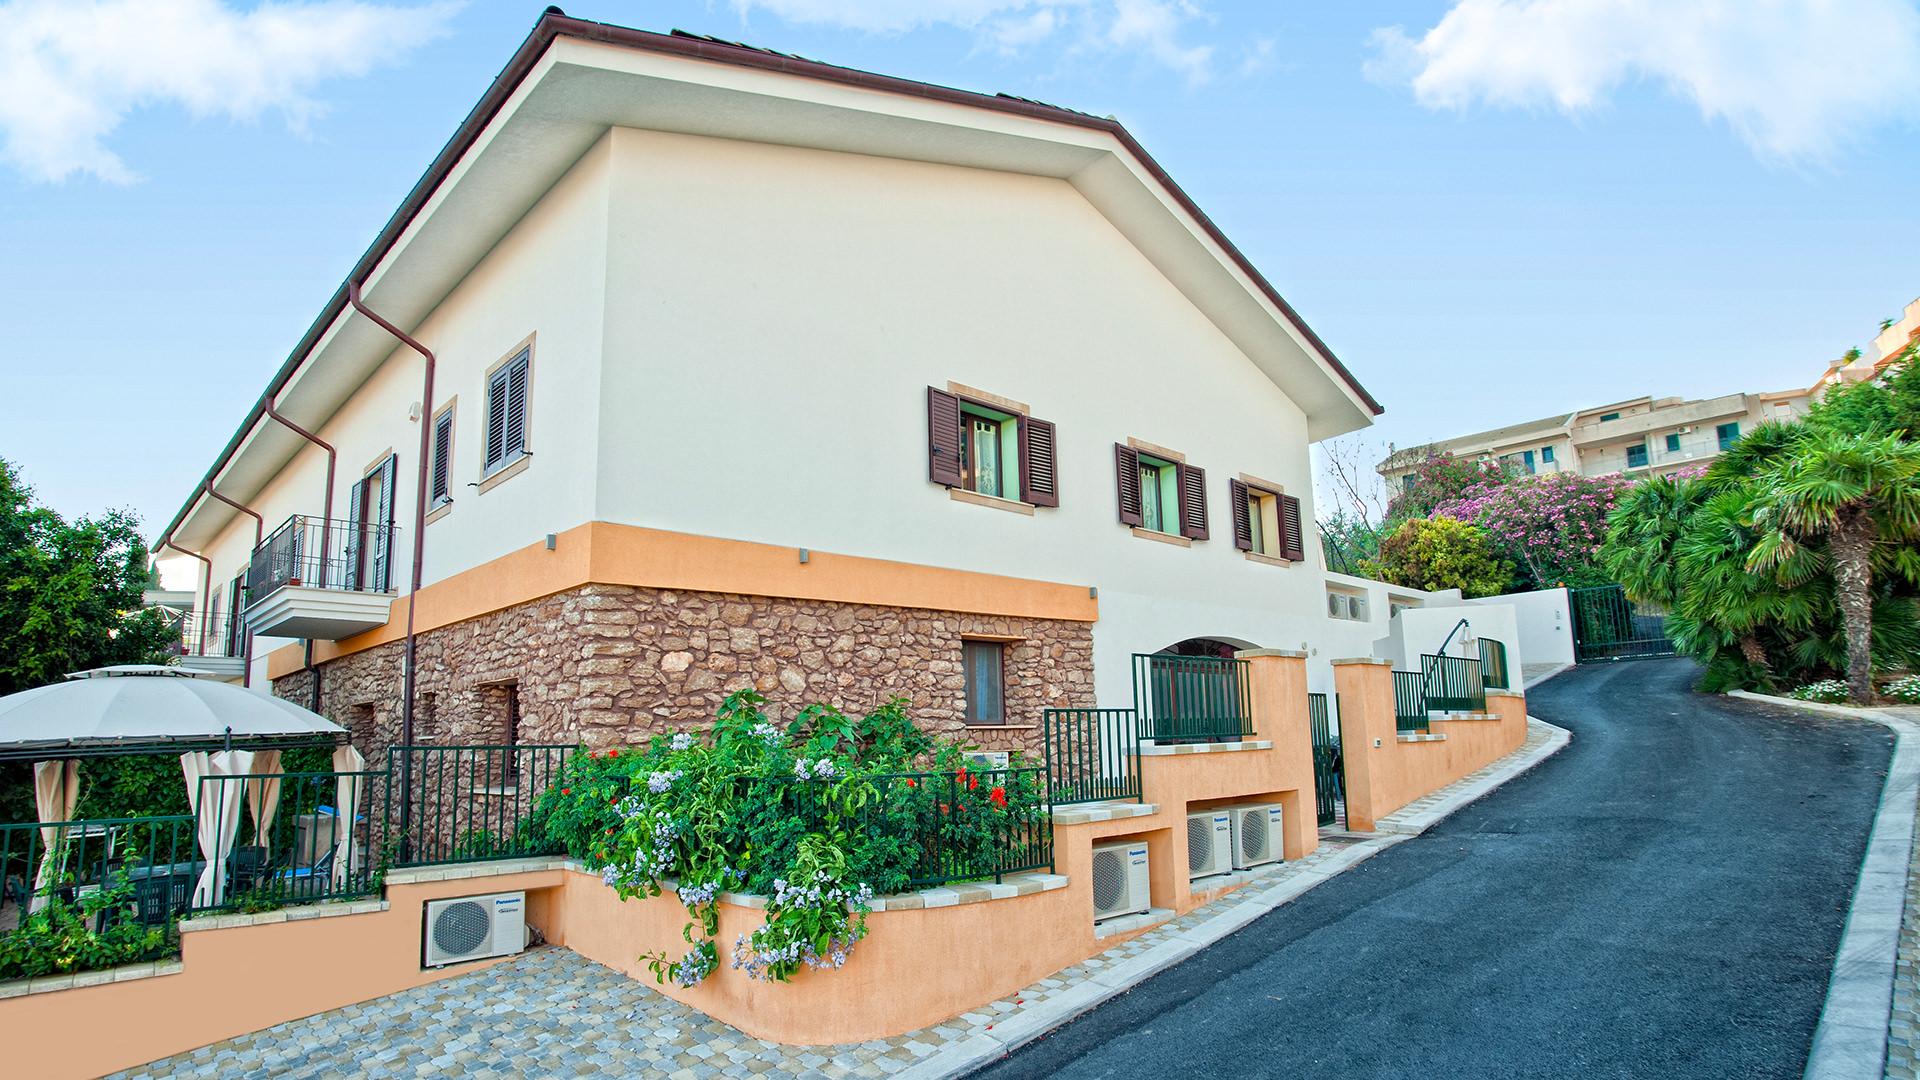 Casale la zagara appartamenti in affitto e casa vacanza for Case arredate in affitto sciacca